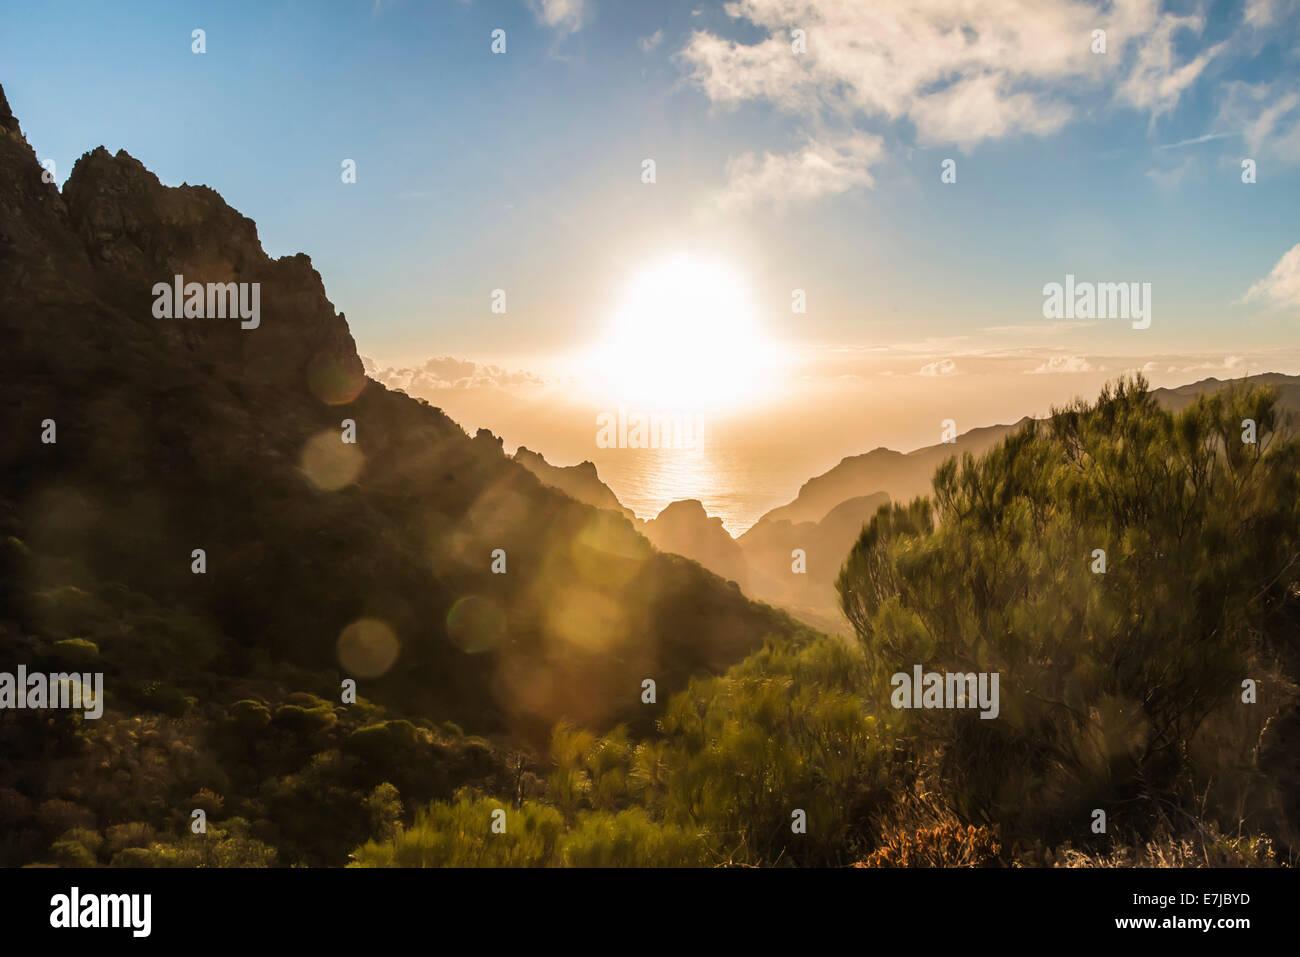 Masca Schlucht, Silhouetten der Berge bei Sonnenuntergang, Teneriffa, Kanarische Inseln, Spanien Stockbild